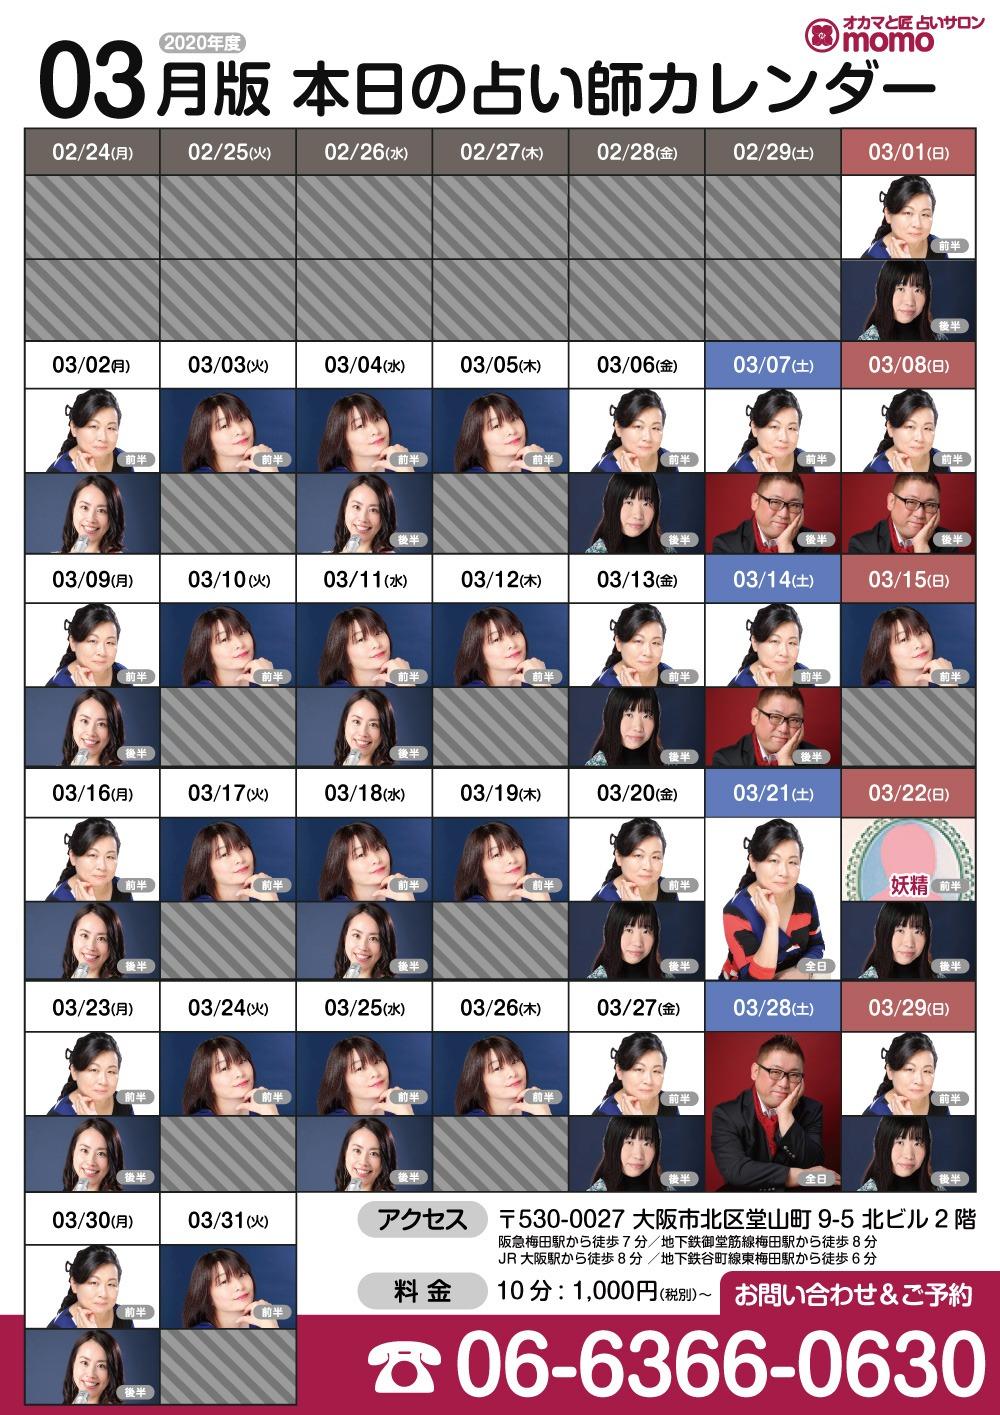 今月の占い師カレンダー 2020年3月版